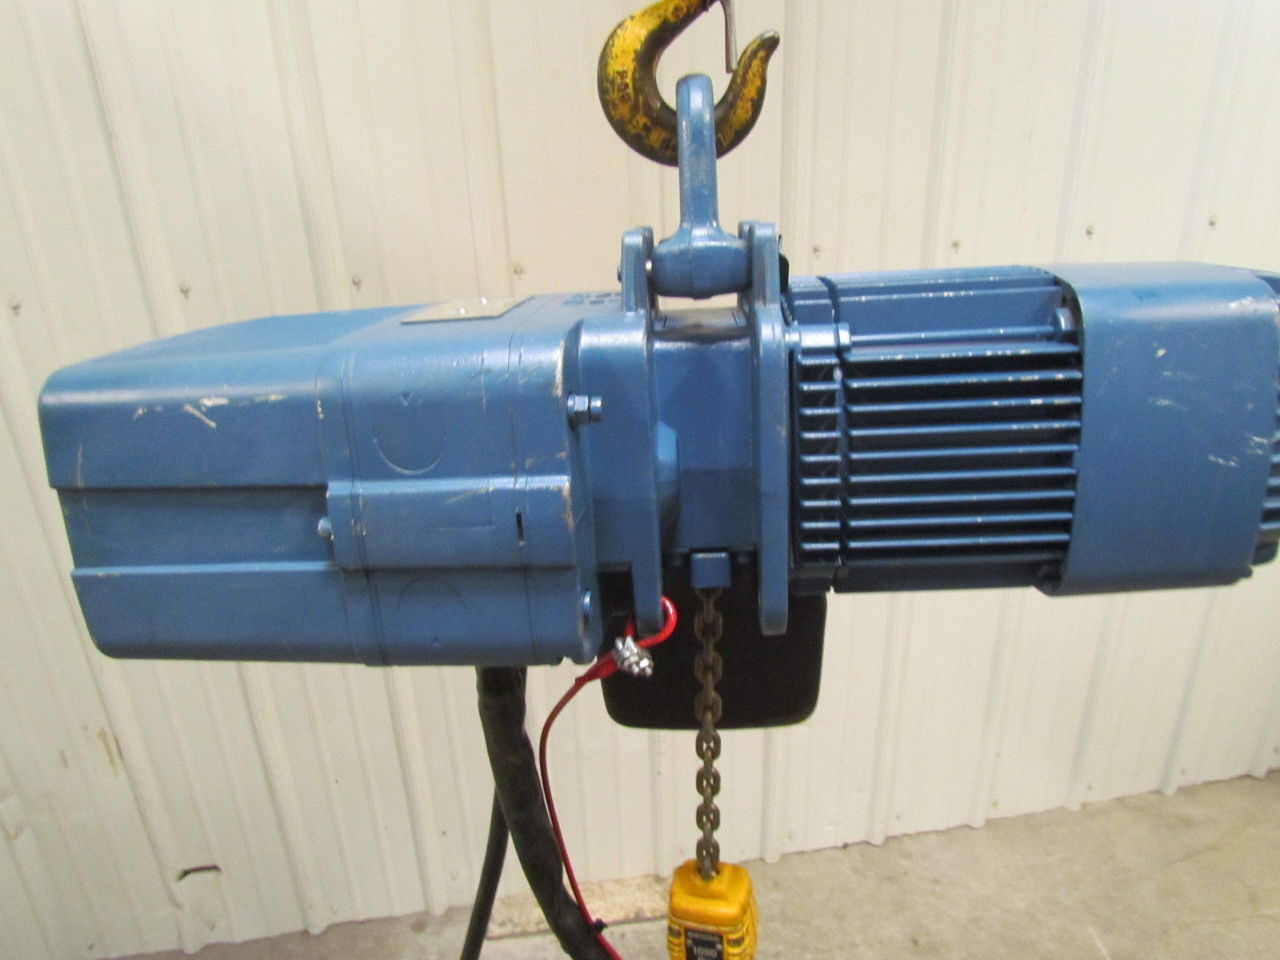 Demag Dkun Hoist Wiring Diagram 2 Speed Electric Bblrh